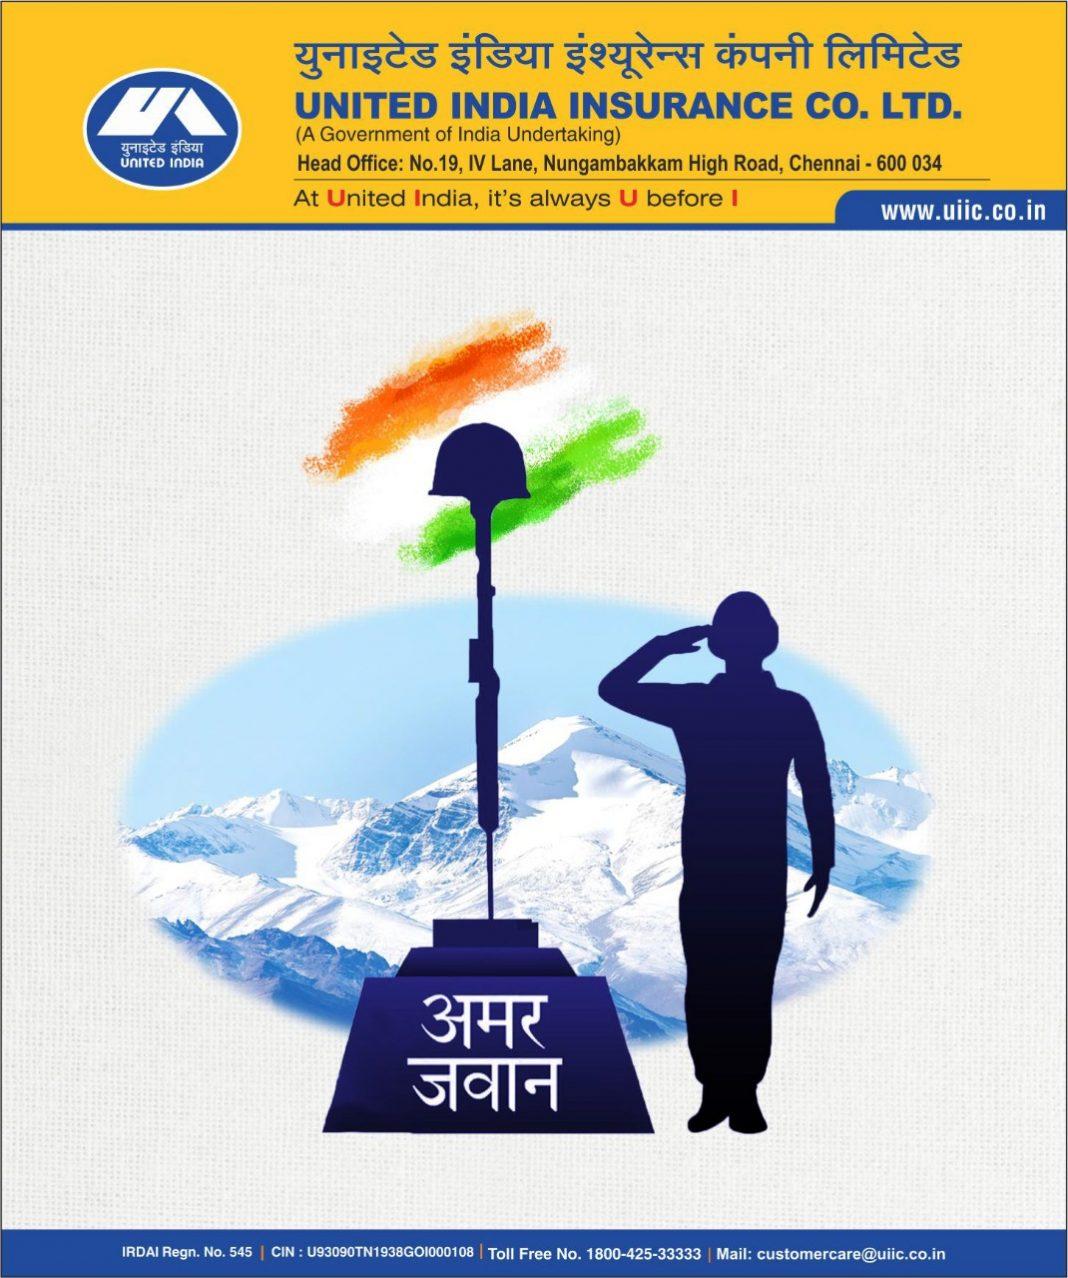 United India Insurance Co